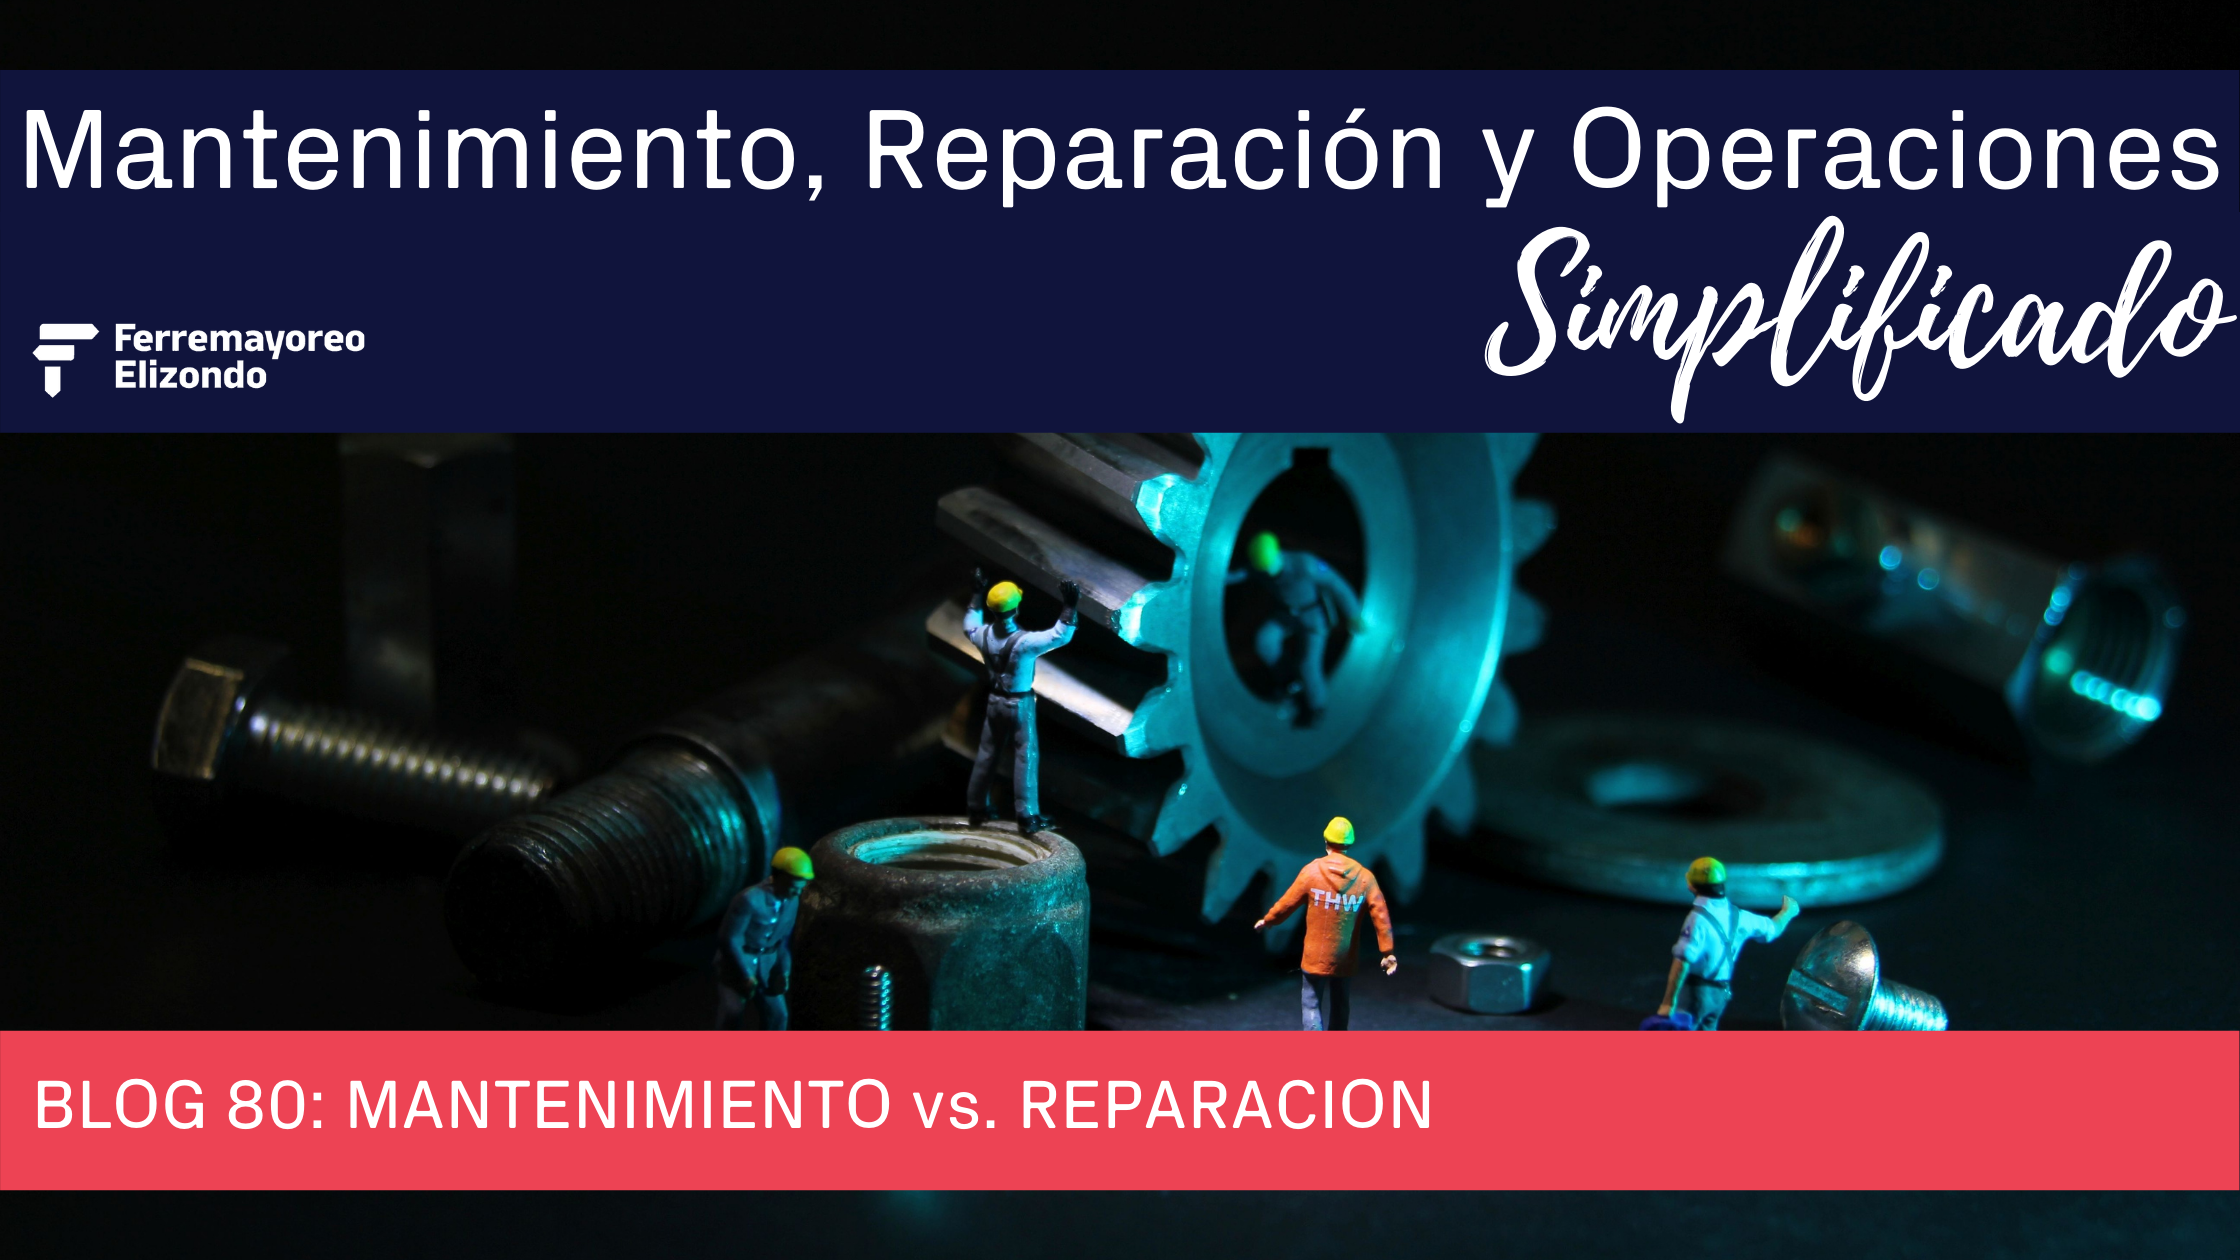 MRO Simplificado: Mantenimiento vs. Reparacion